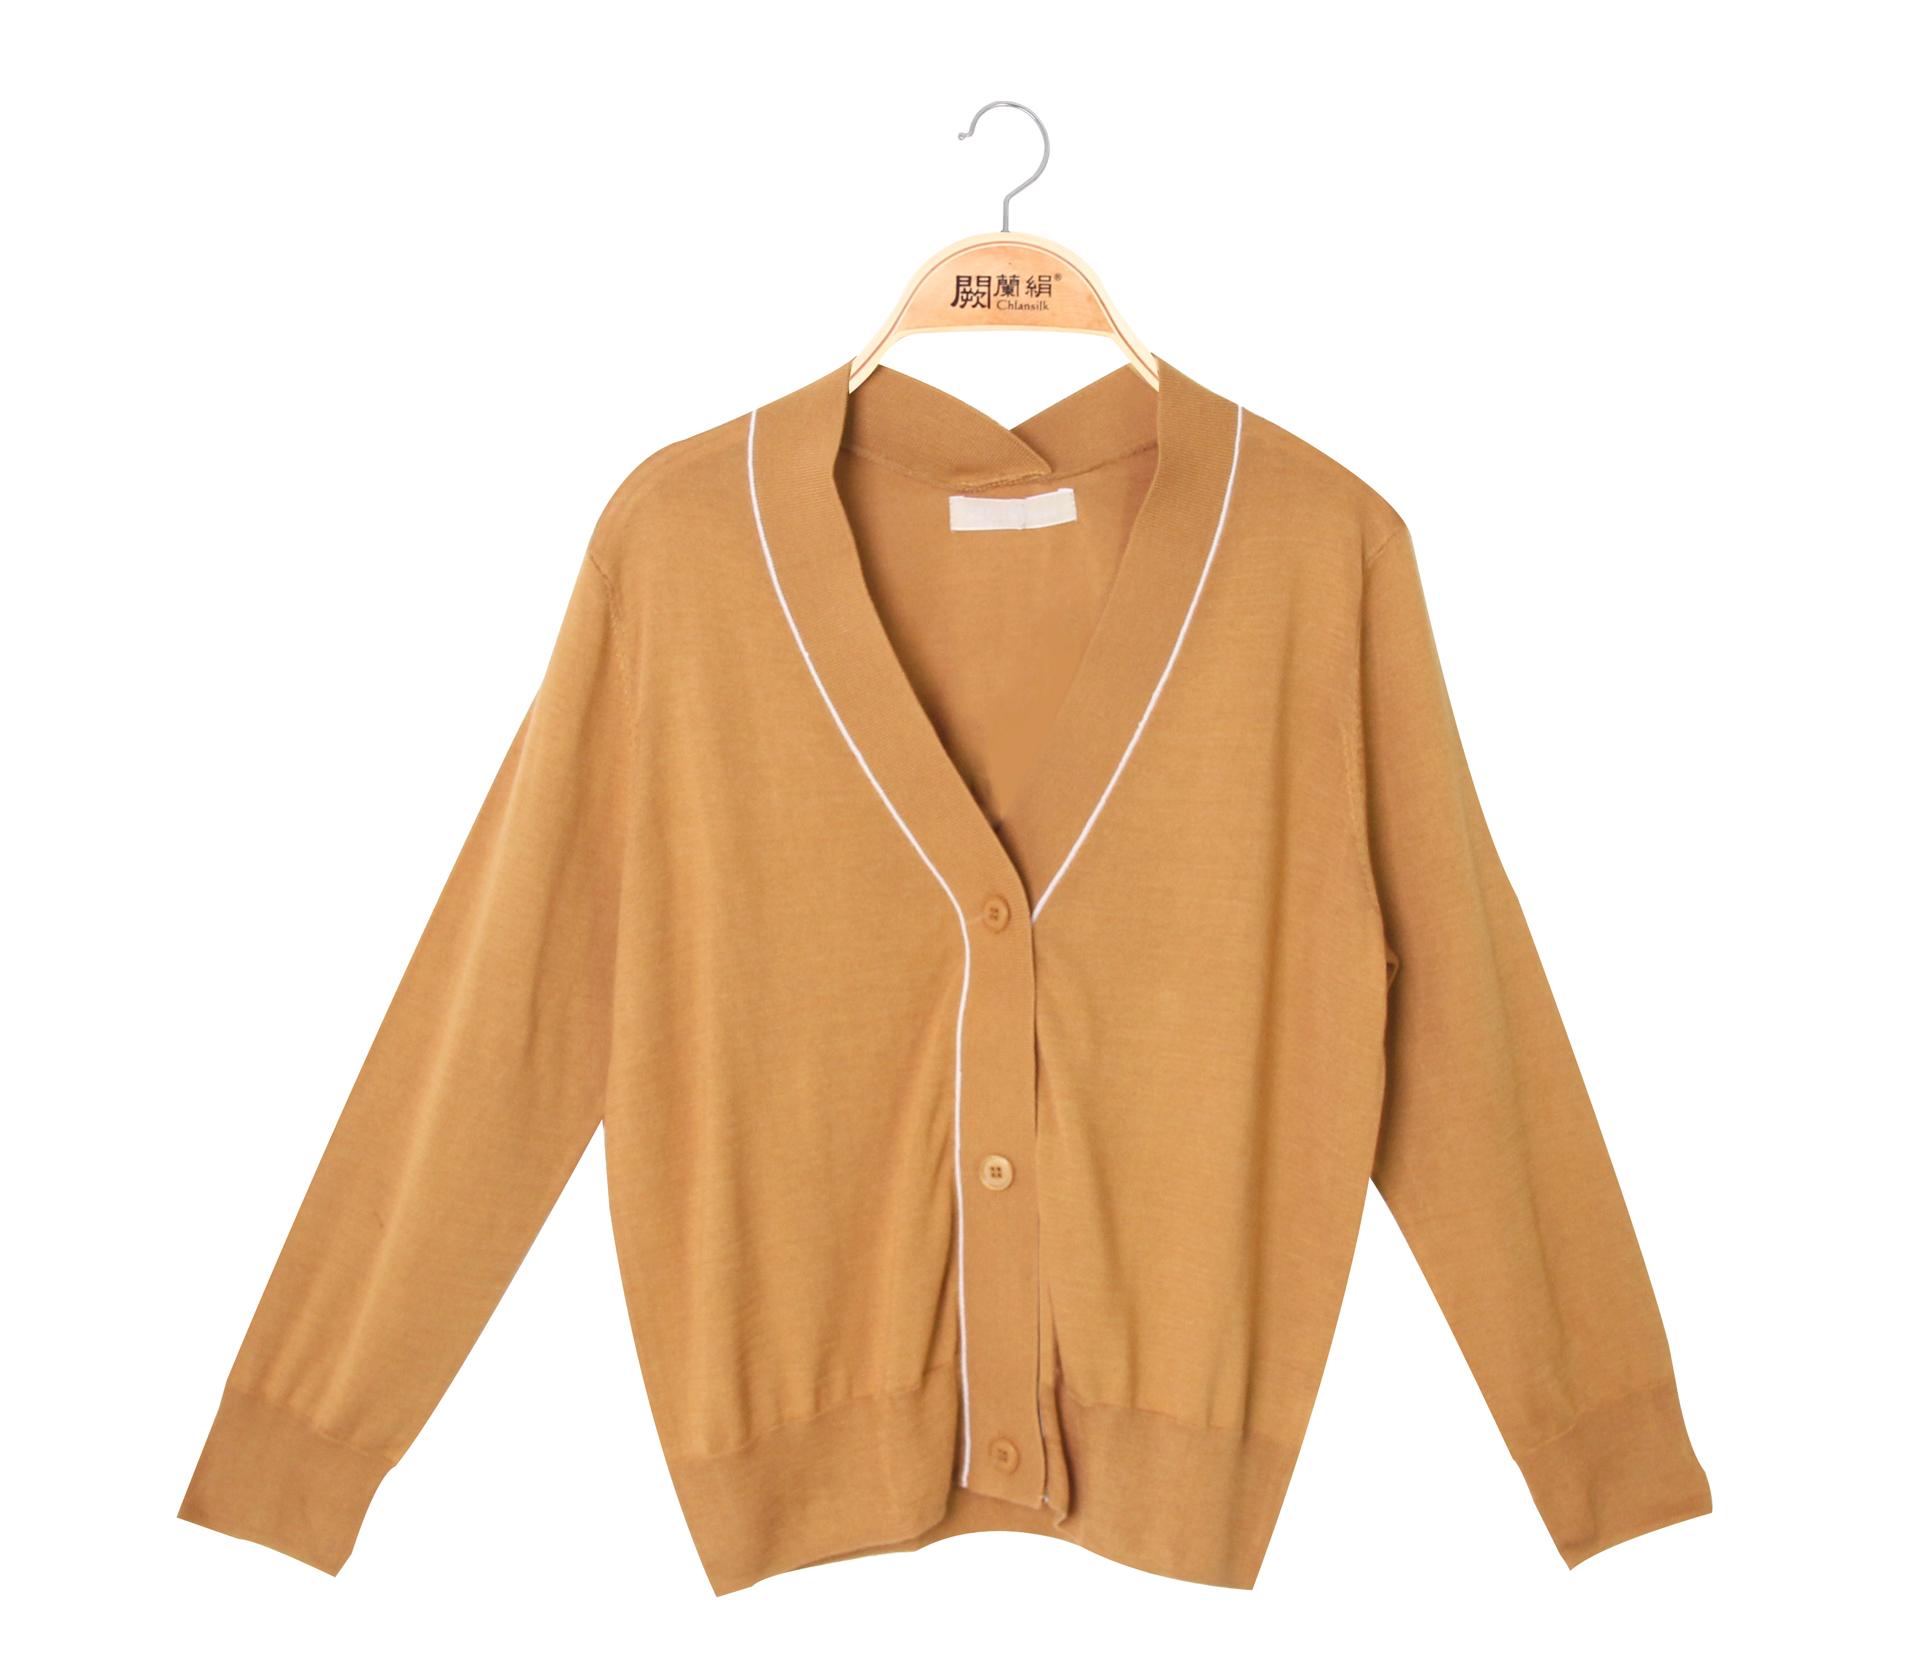 闕蘭絹V領針織100%蠶絲外套 - 駝色 - 6627